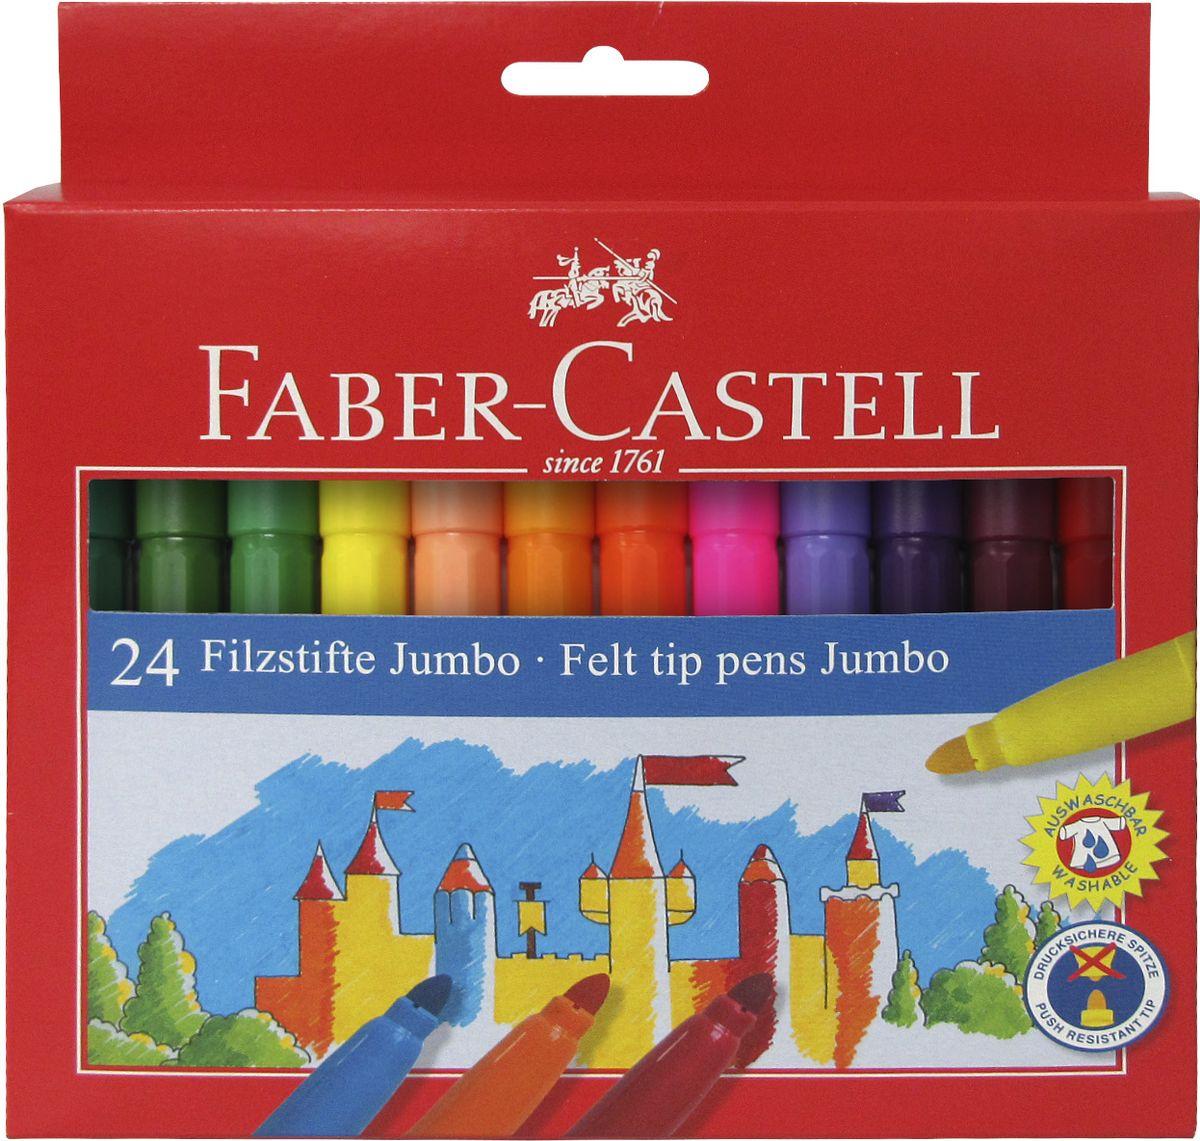 Faber-Castell Фломастеры JUMBO набор цветов в картонной коробке 24 шт554324• очень качественные фломастеры с утолщенным корпусом • чернила на водной основе с добавлением пищевых красителей • яркие, насыщенные цвета • отстирываются с большинства обычных тканей • вентилируемый колпачок, подходит для детей от 3 лет